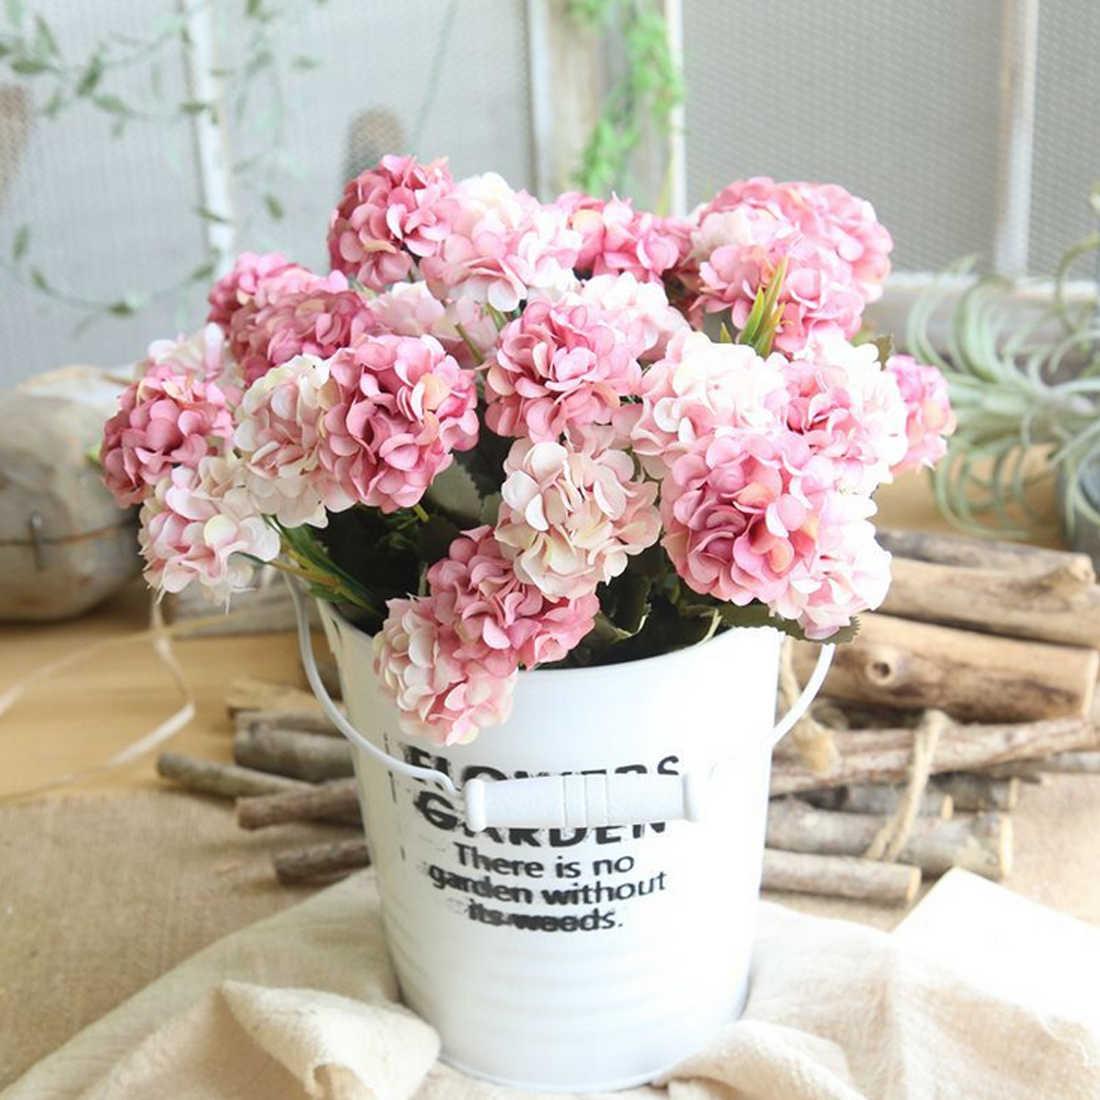 สวนอุปกรณ์ตกแต่งไฮเดรนเยียประดิษฐ์ดอกไม้ช่อดอกไม้ตกแต่งบ้านงานแต่งงานผ้าไหมปลอมดอกไม้ 30 เซนติเมตร